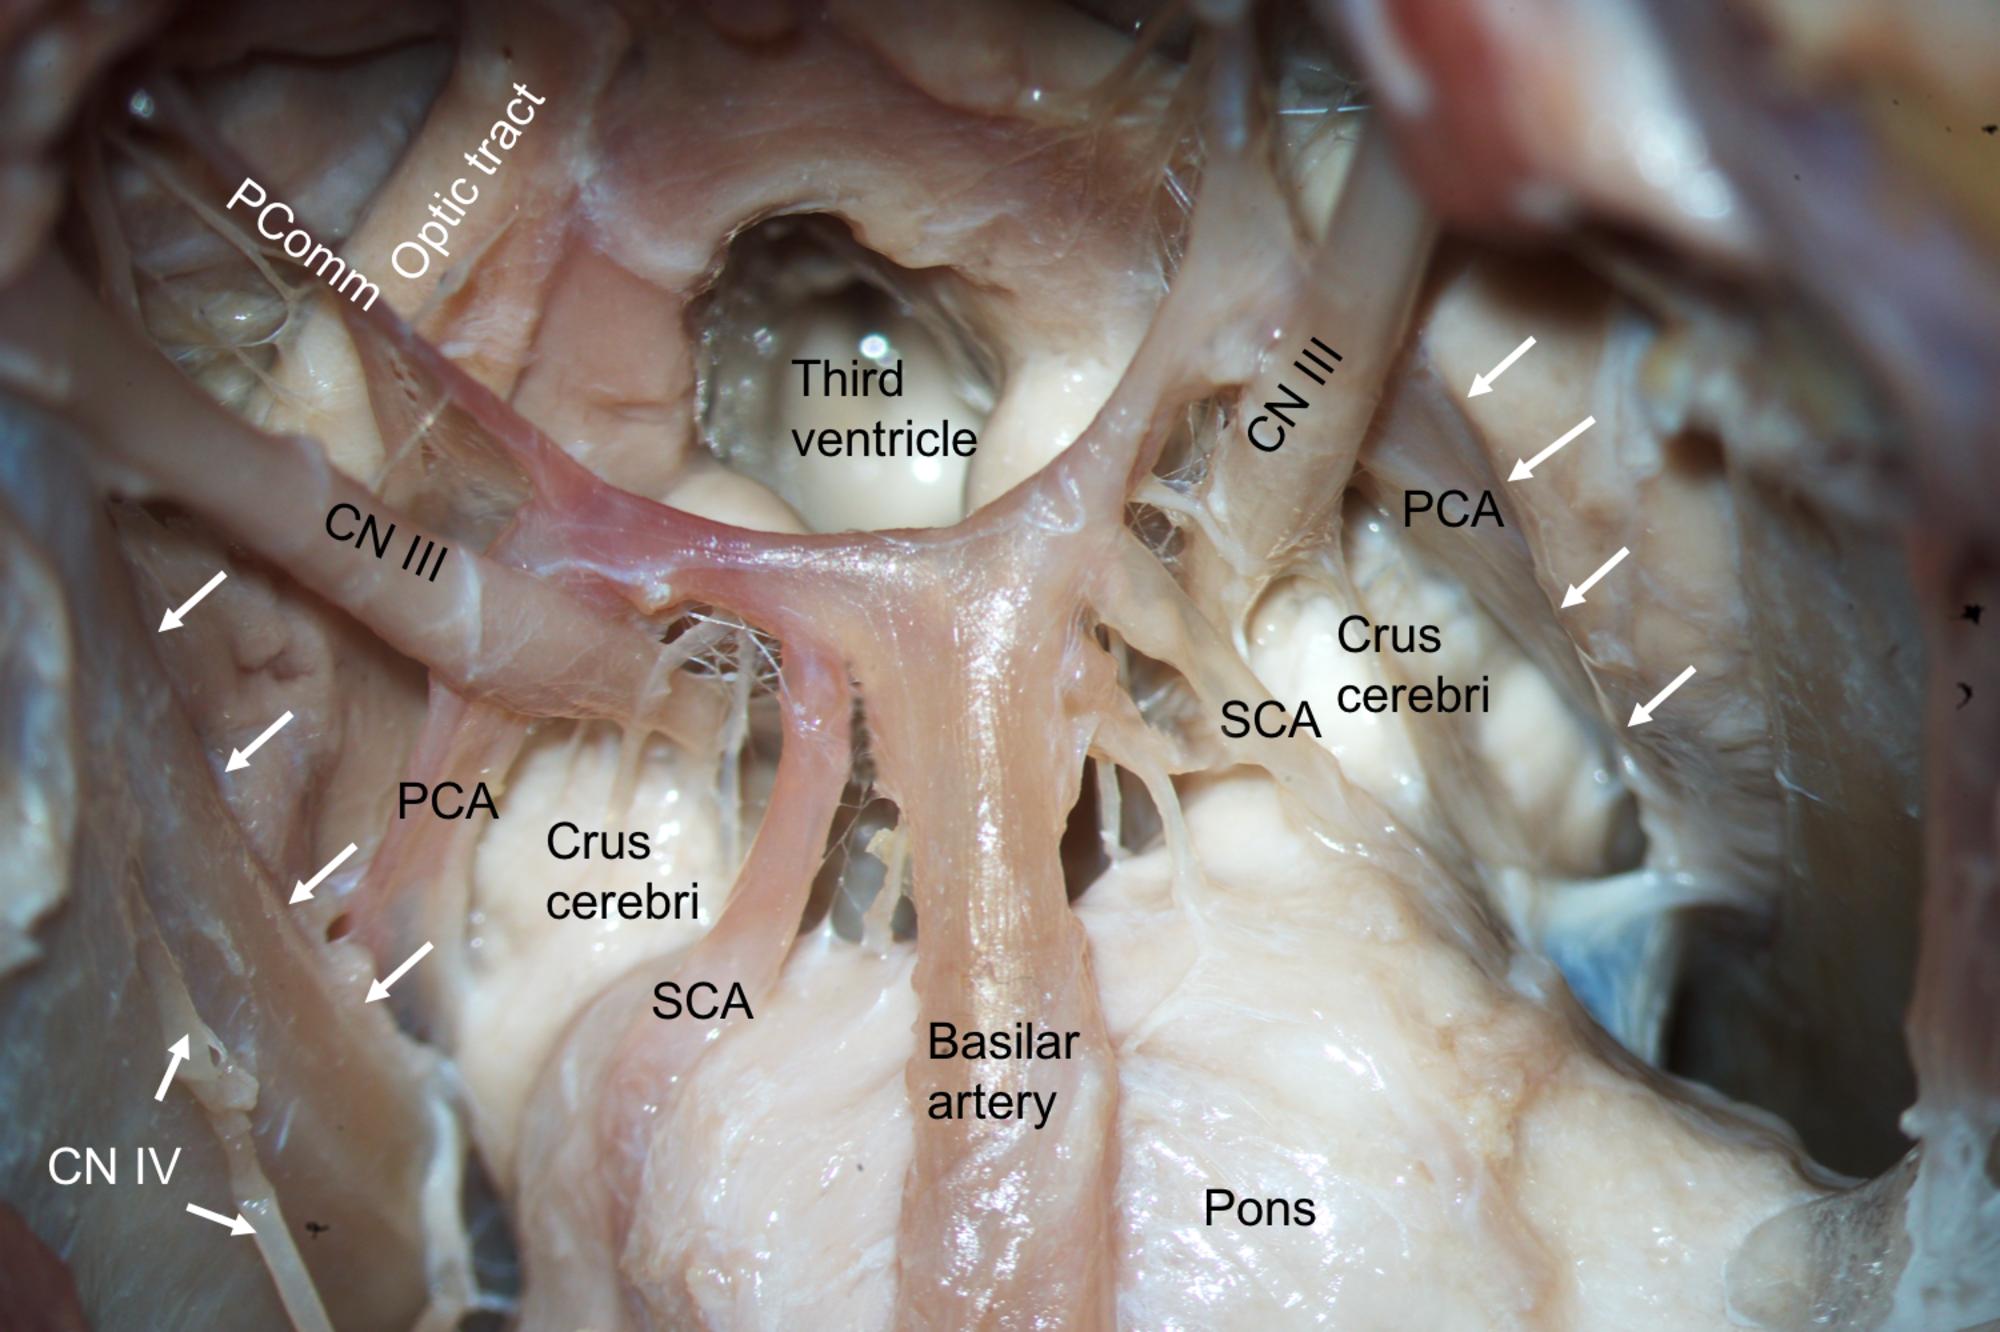 Cureus Superior Cerebellar Arteries Originating From The Posterior